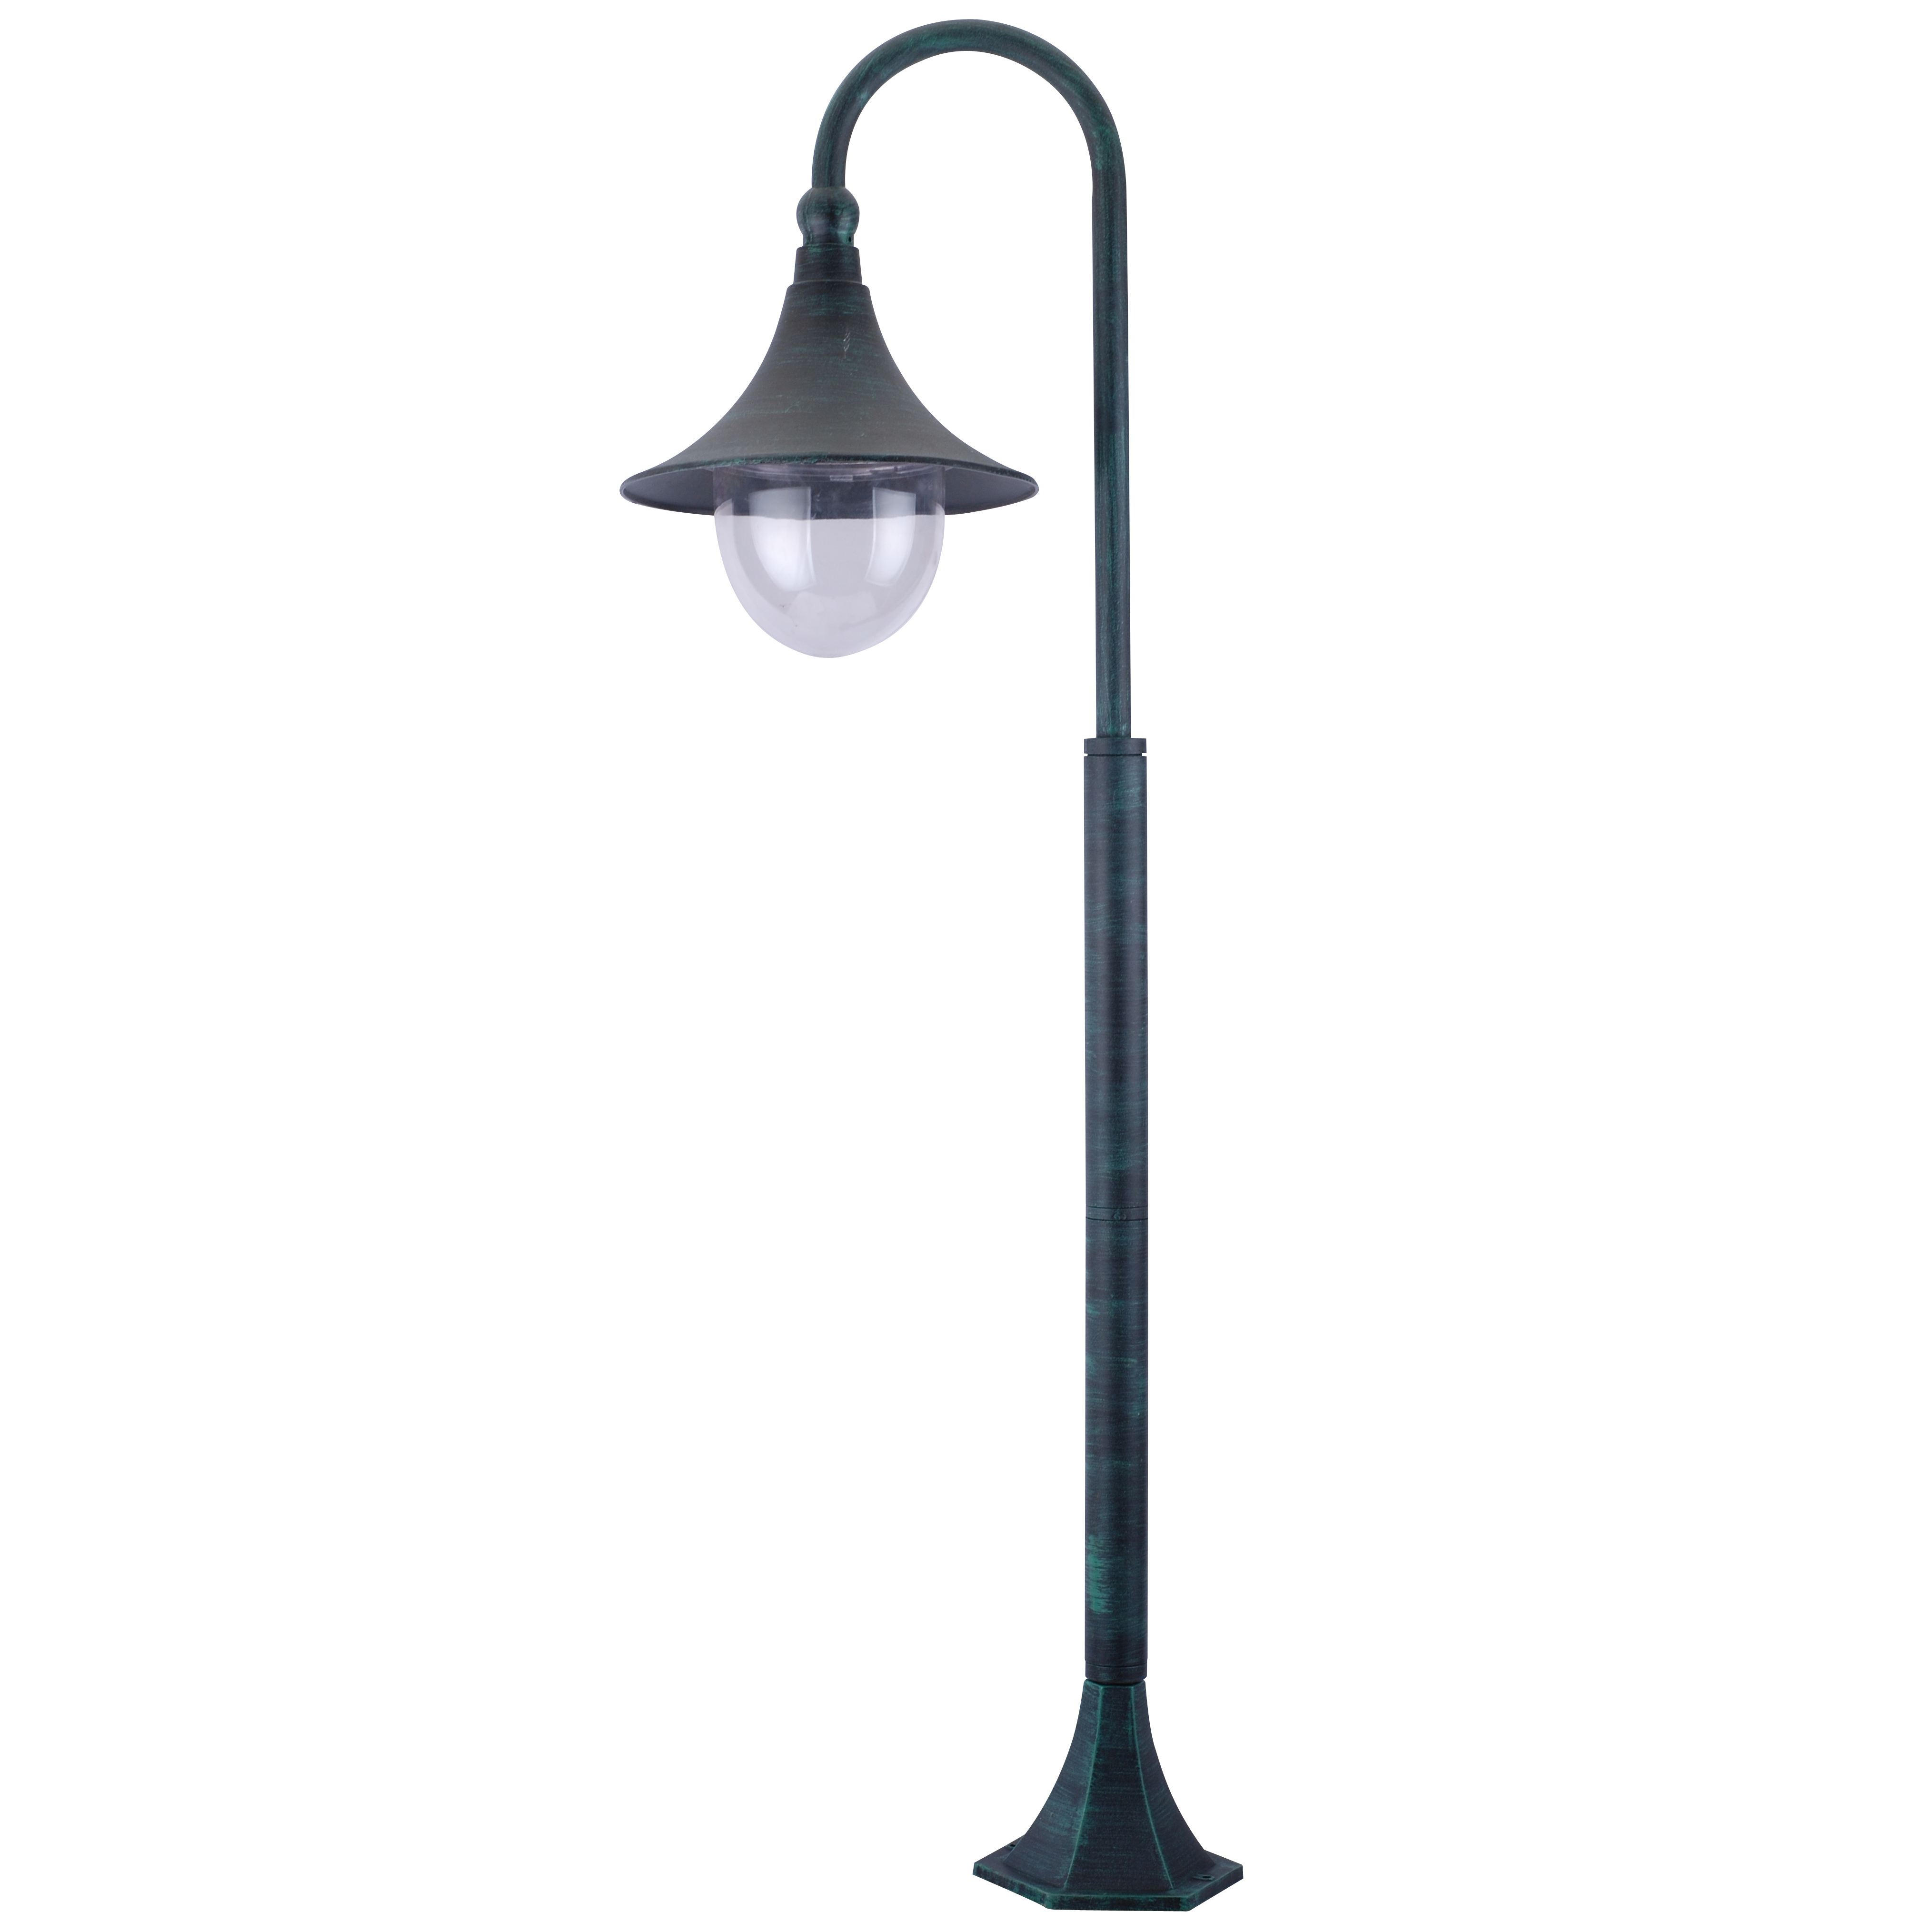 Светильник уличный Arte lamp Malaga a1086pa-1bg фонарь arte lamp malaga a1086pa 2bg